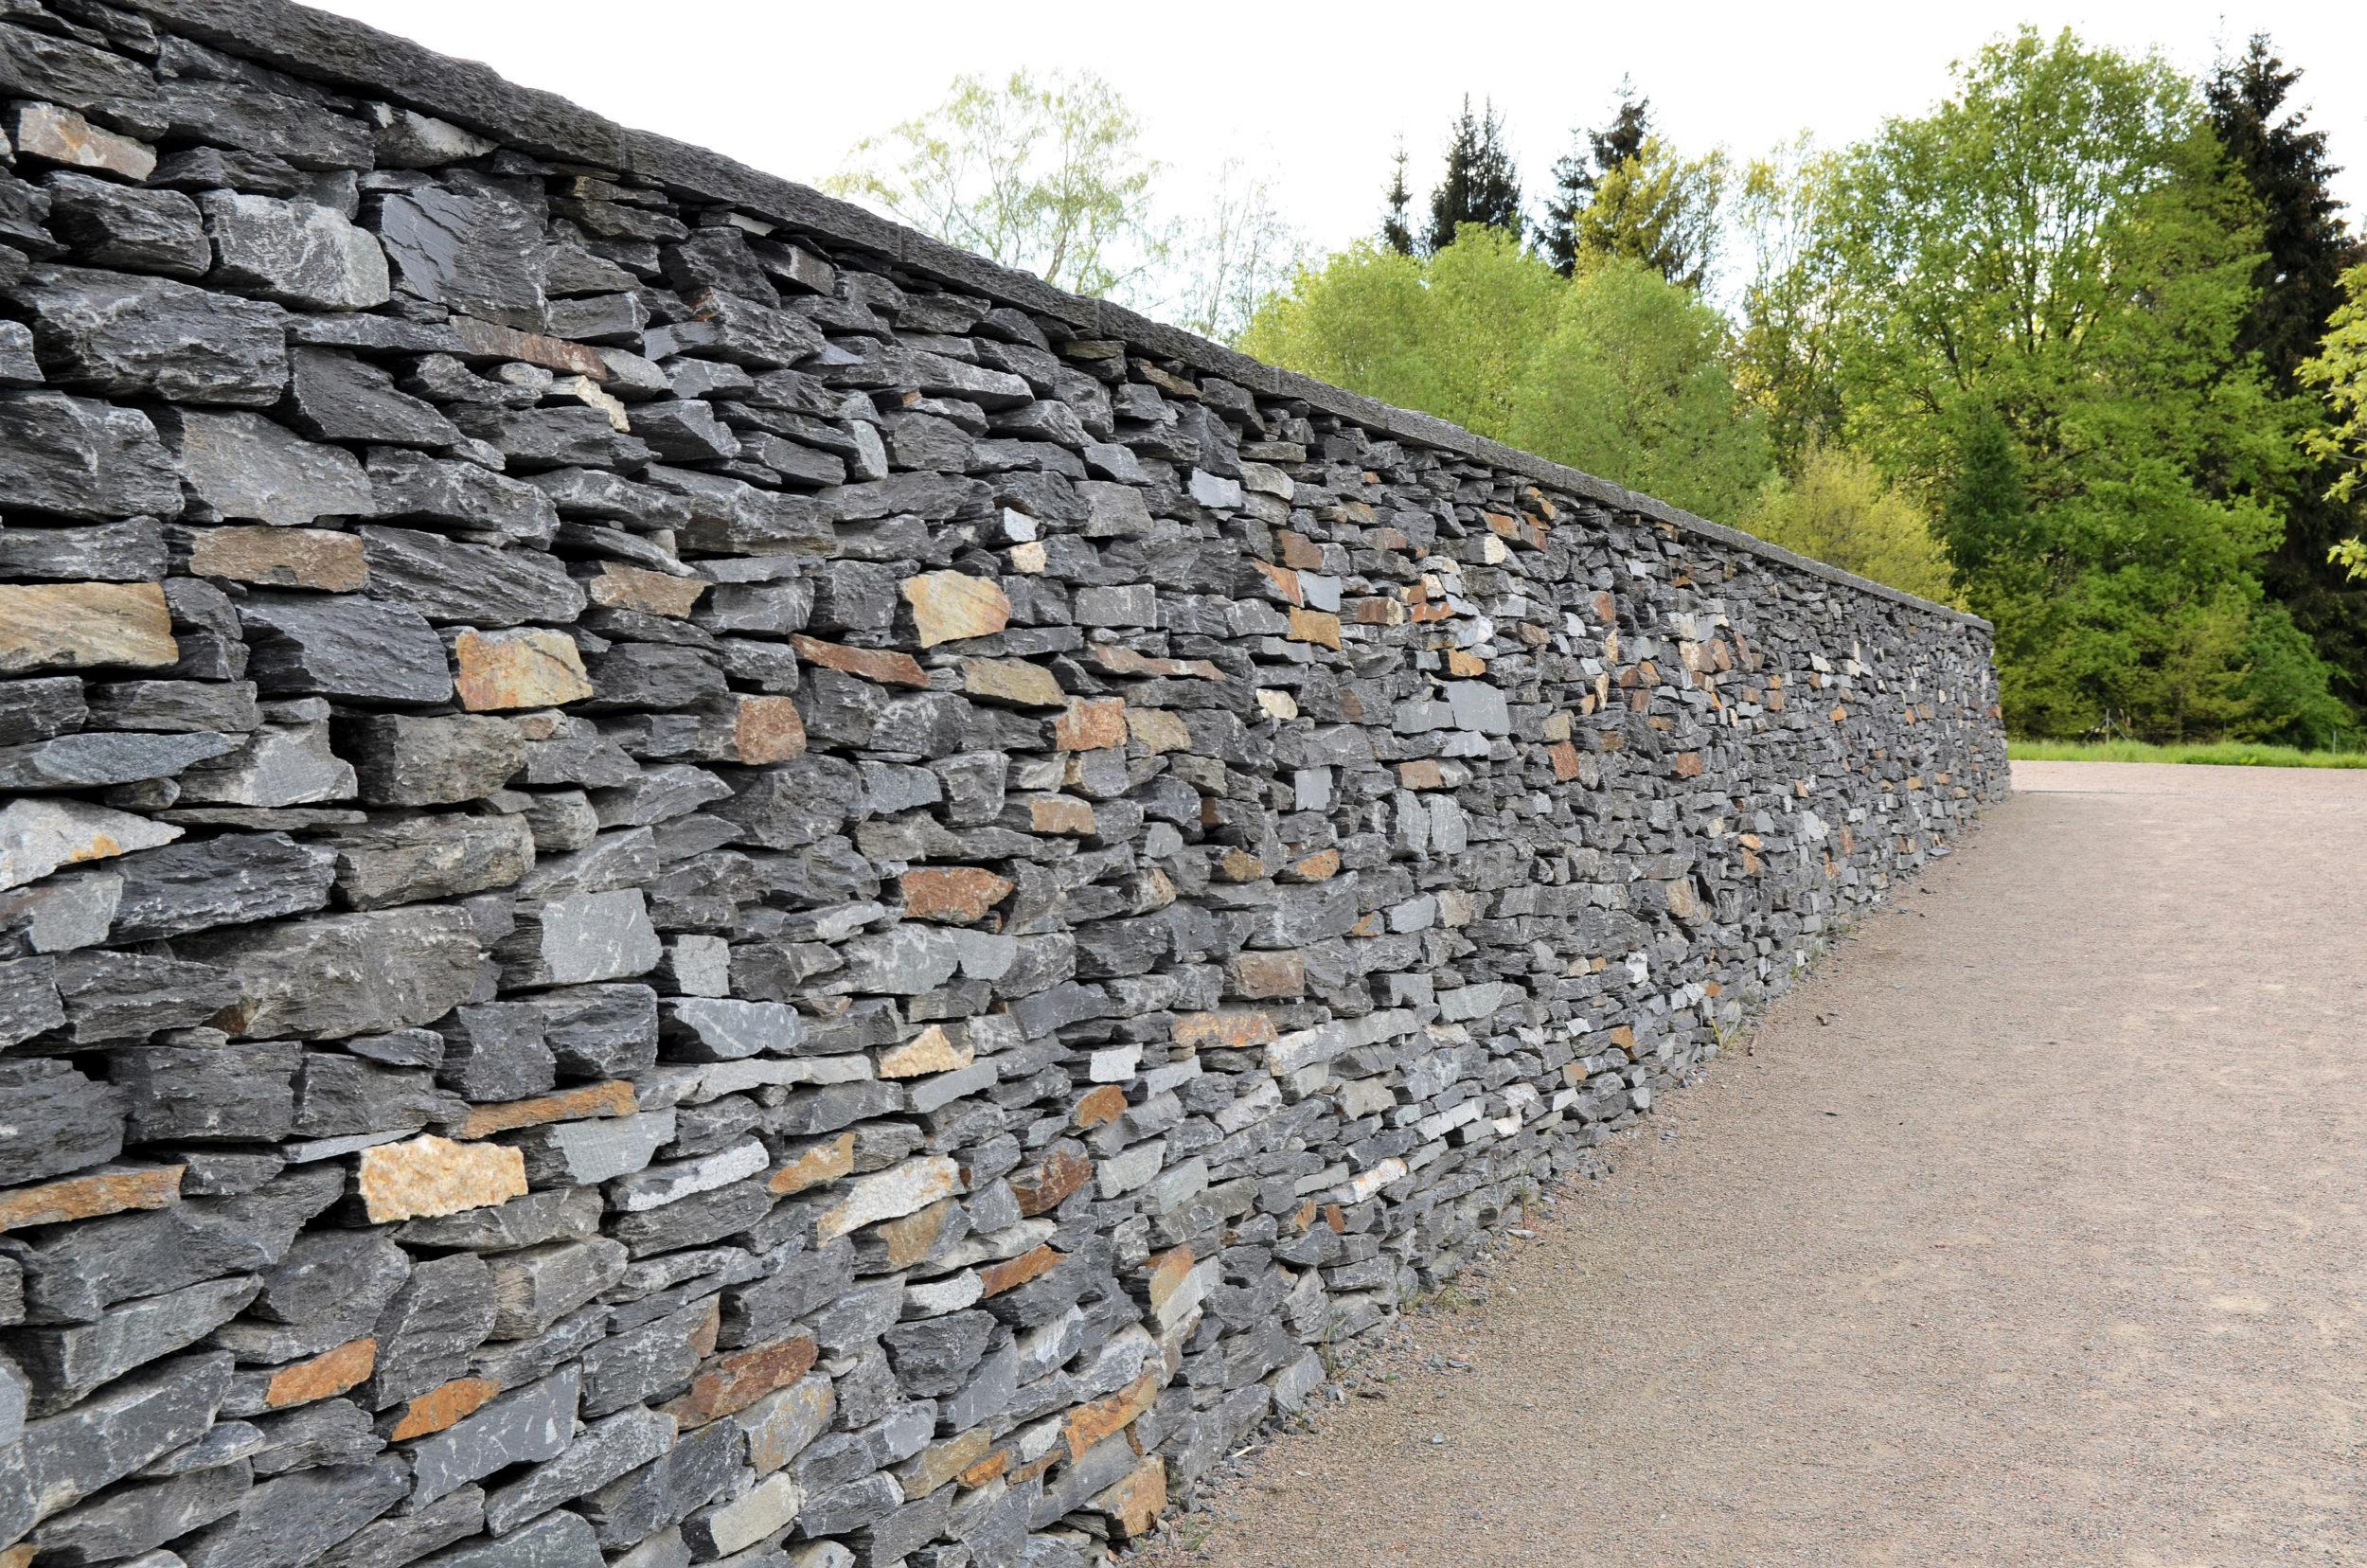 rockwall in bergen county